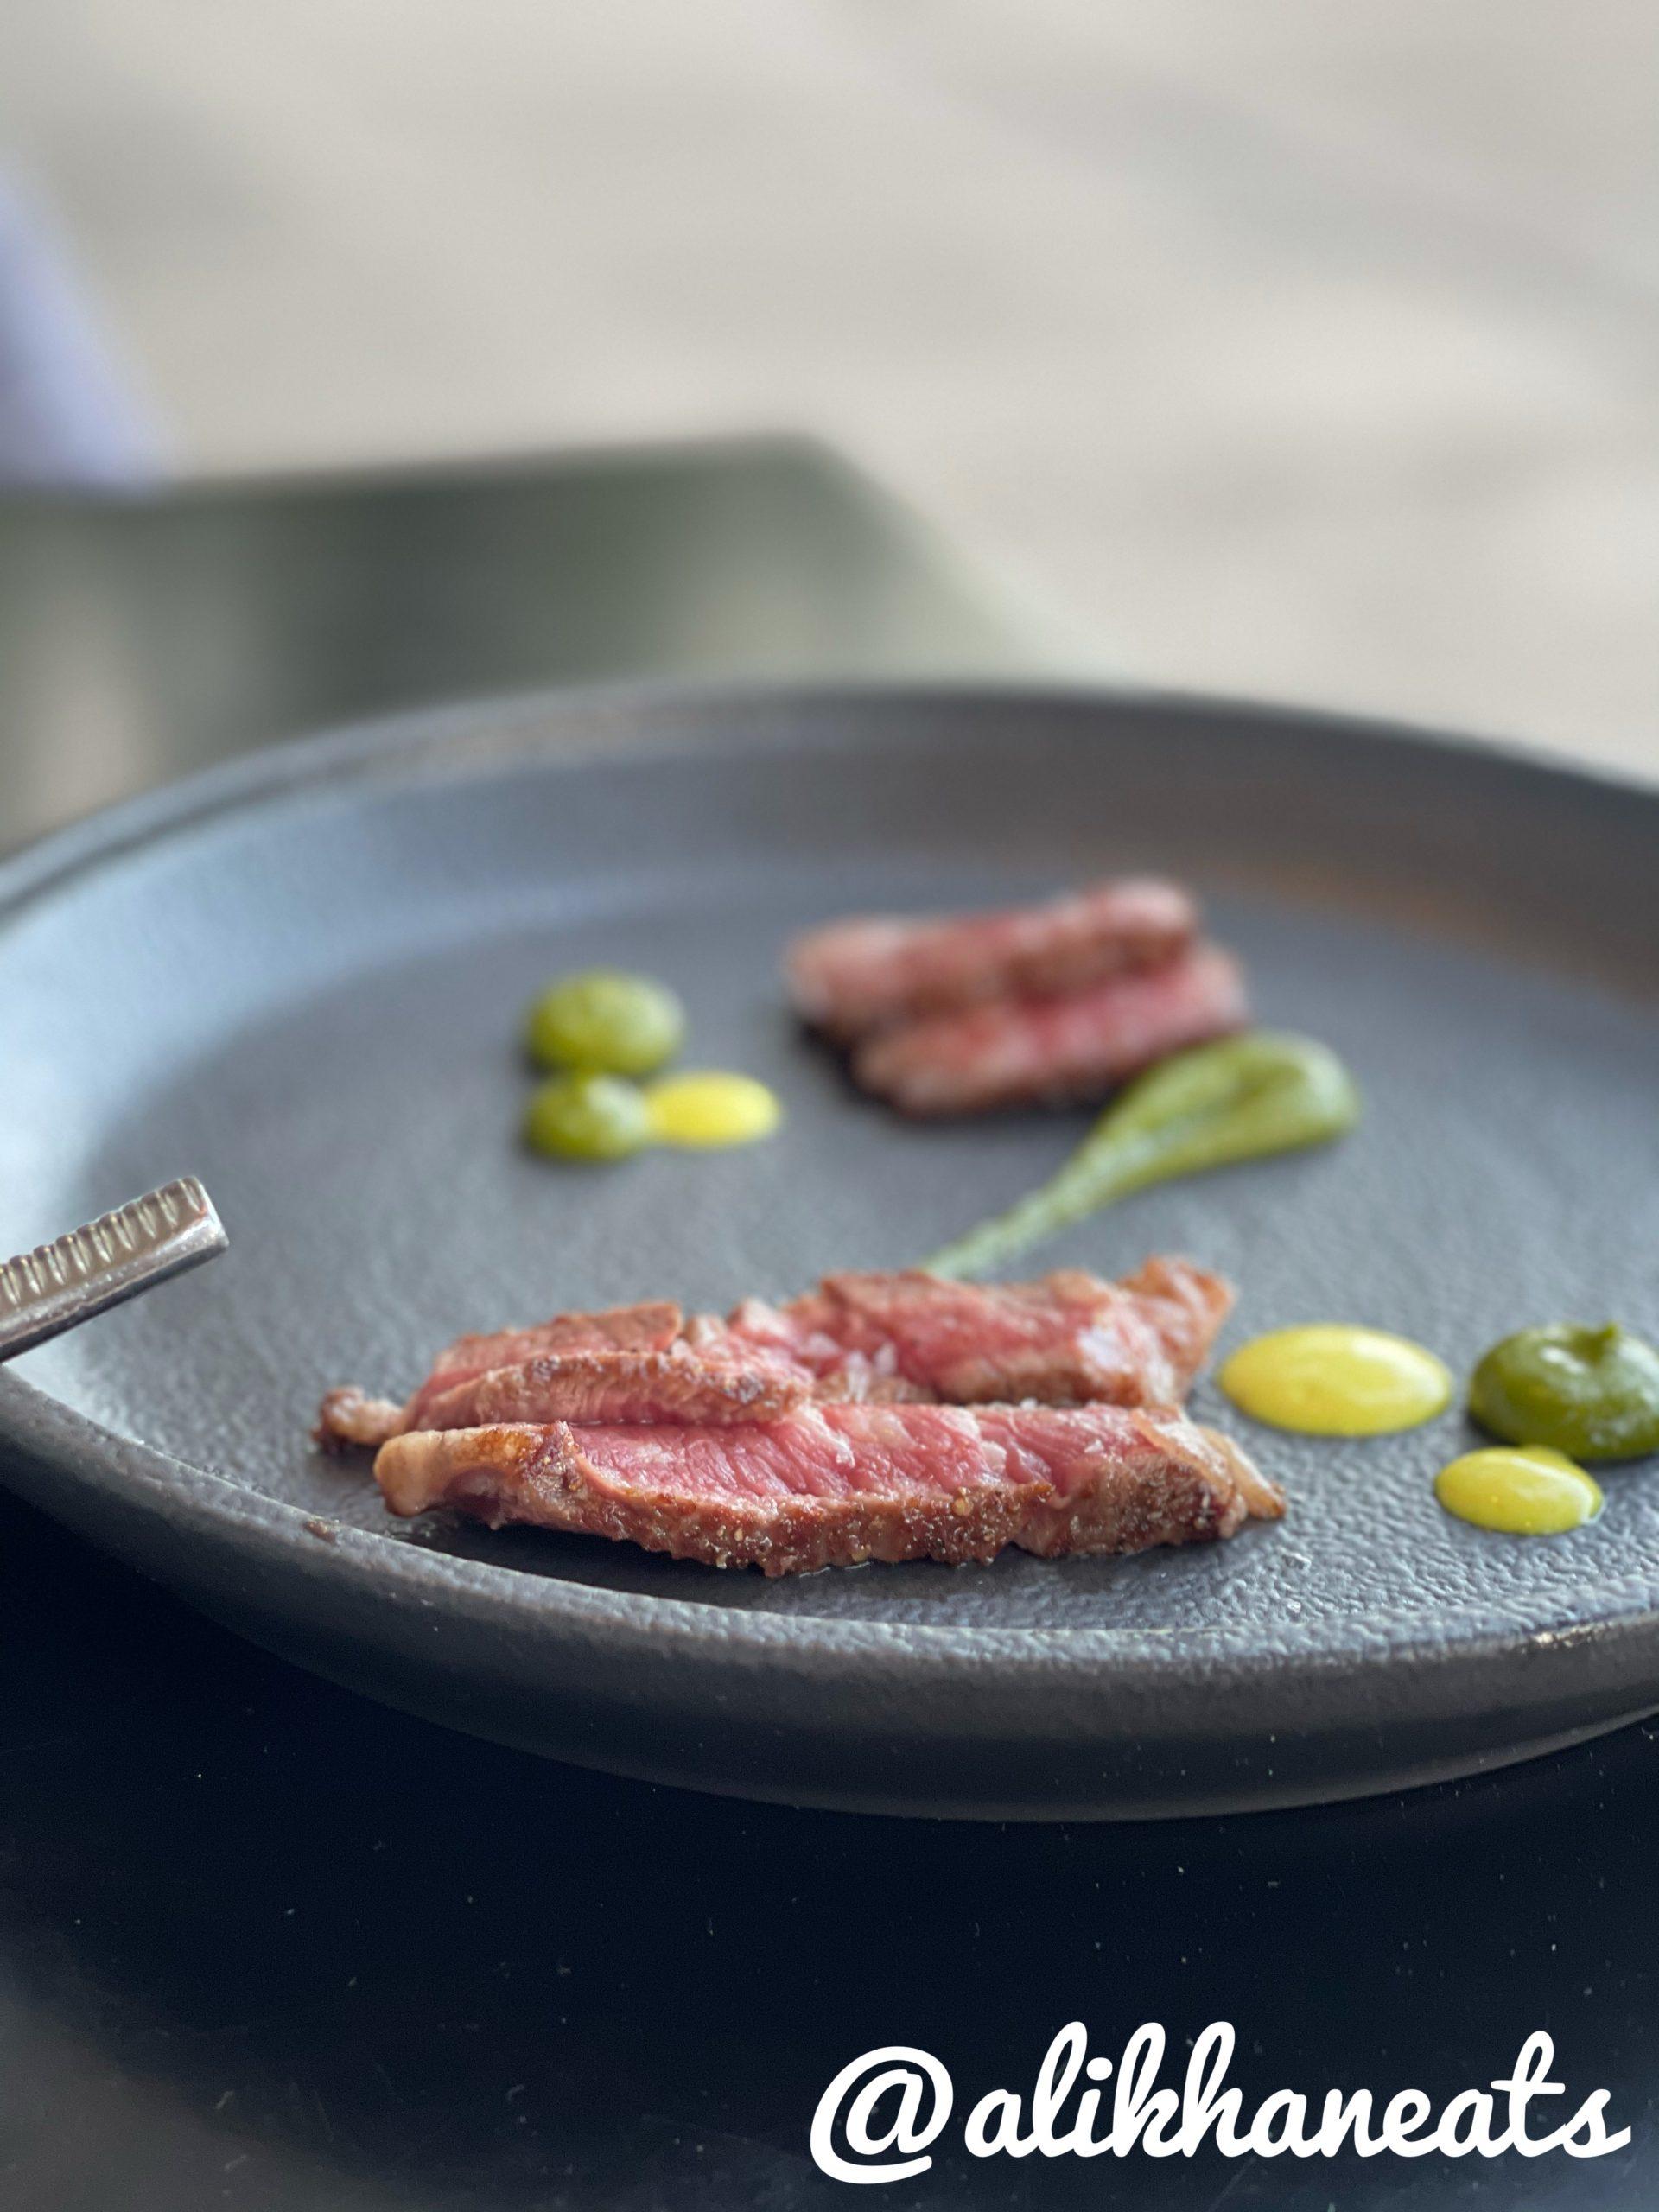 Il Ritorno A5 steak course